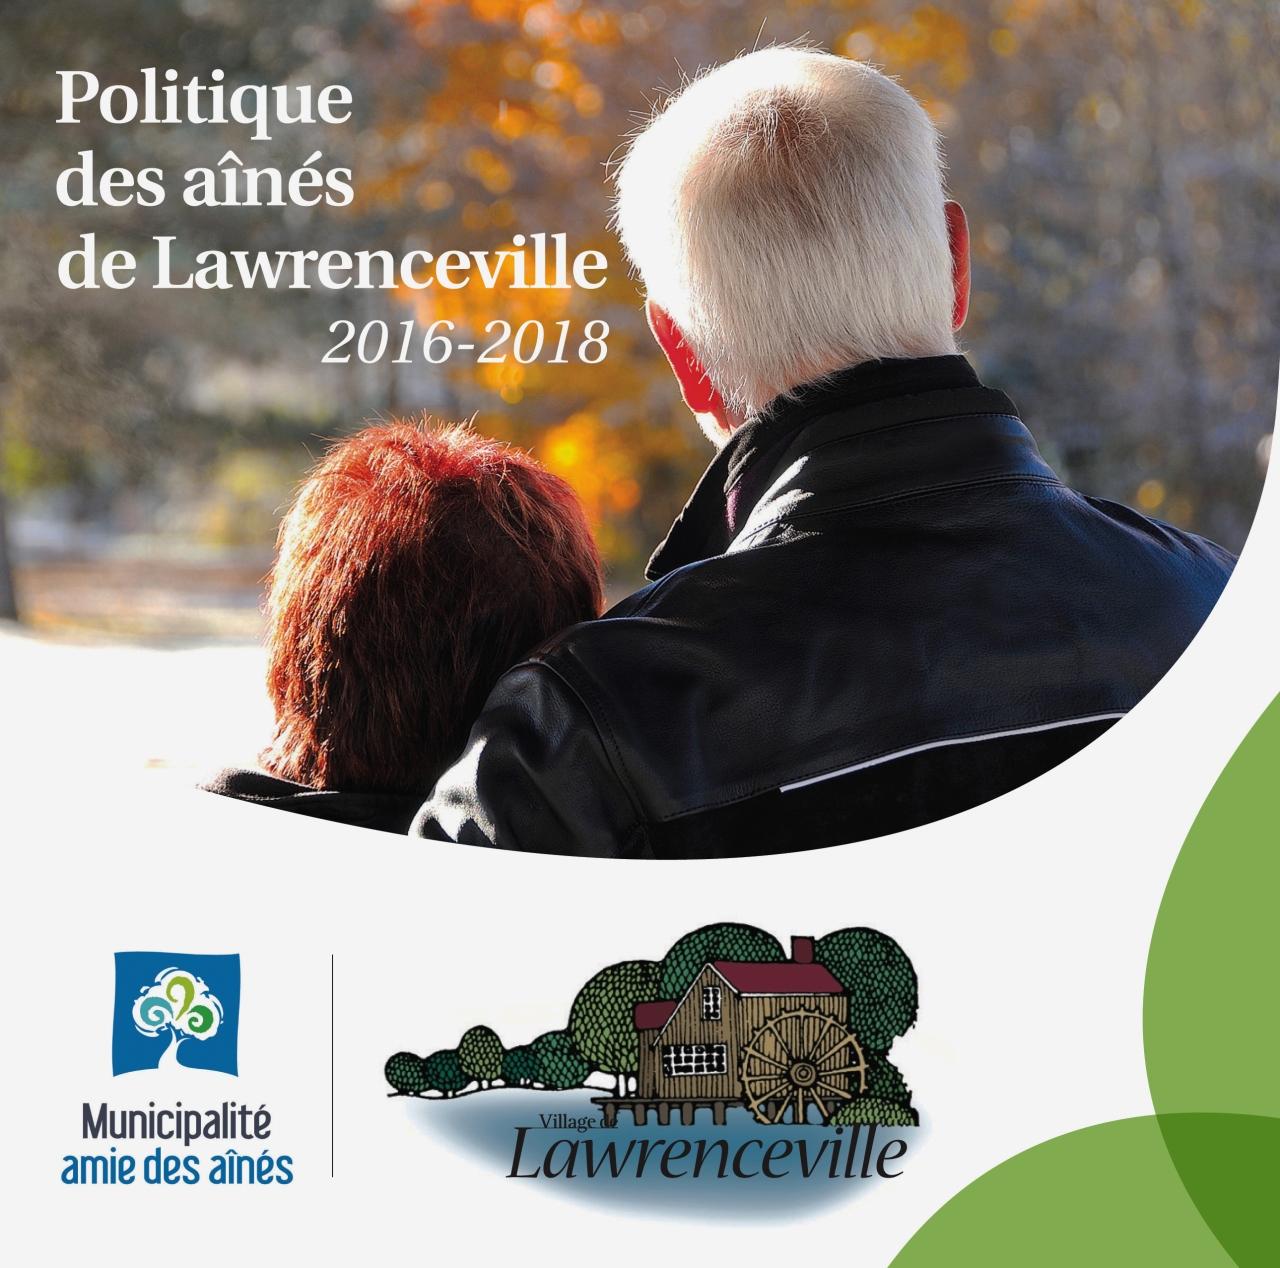 La politique des aînés du village de Lawrenceville 2016-2018 Elder program ofLawrenceville.